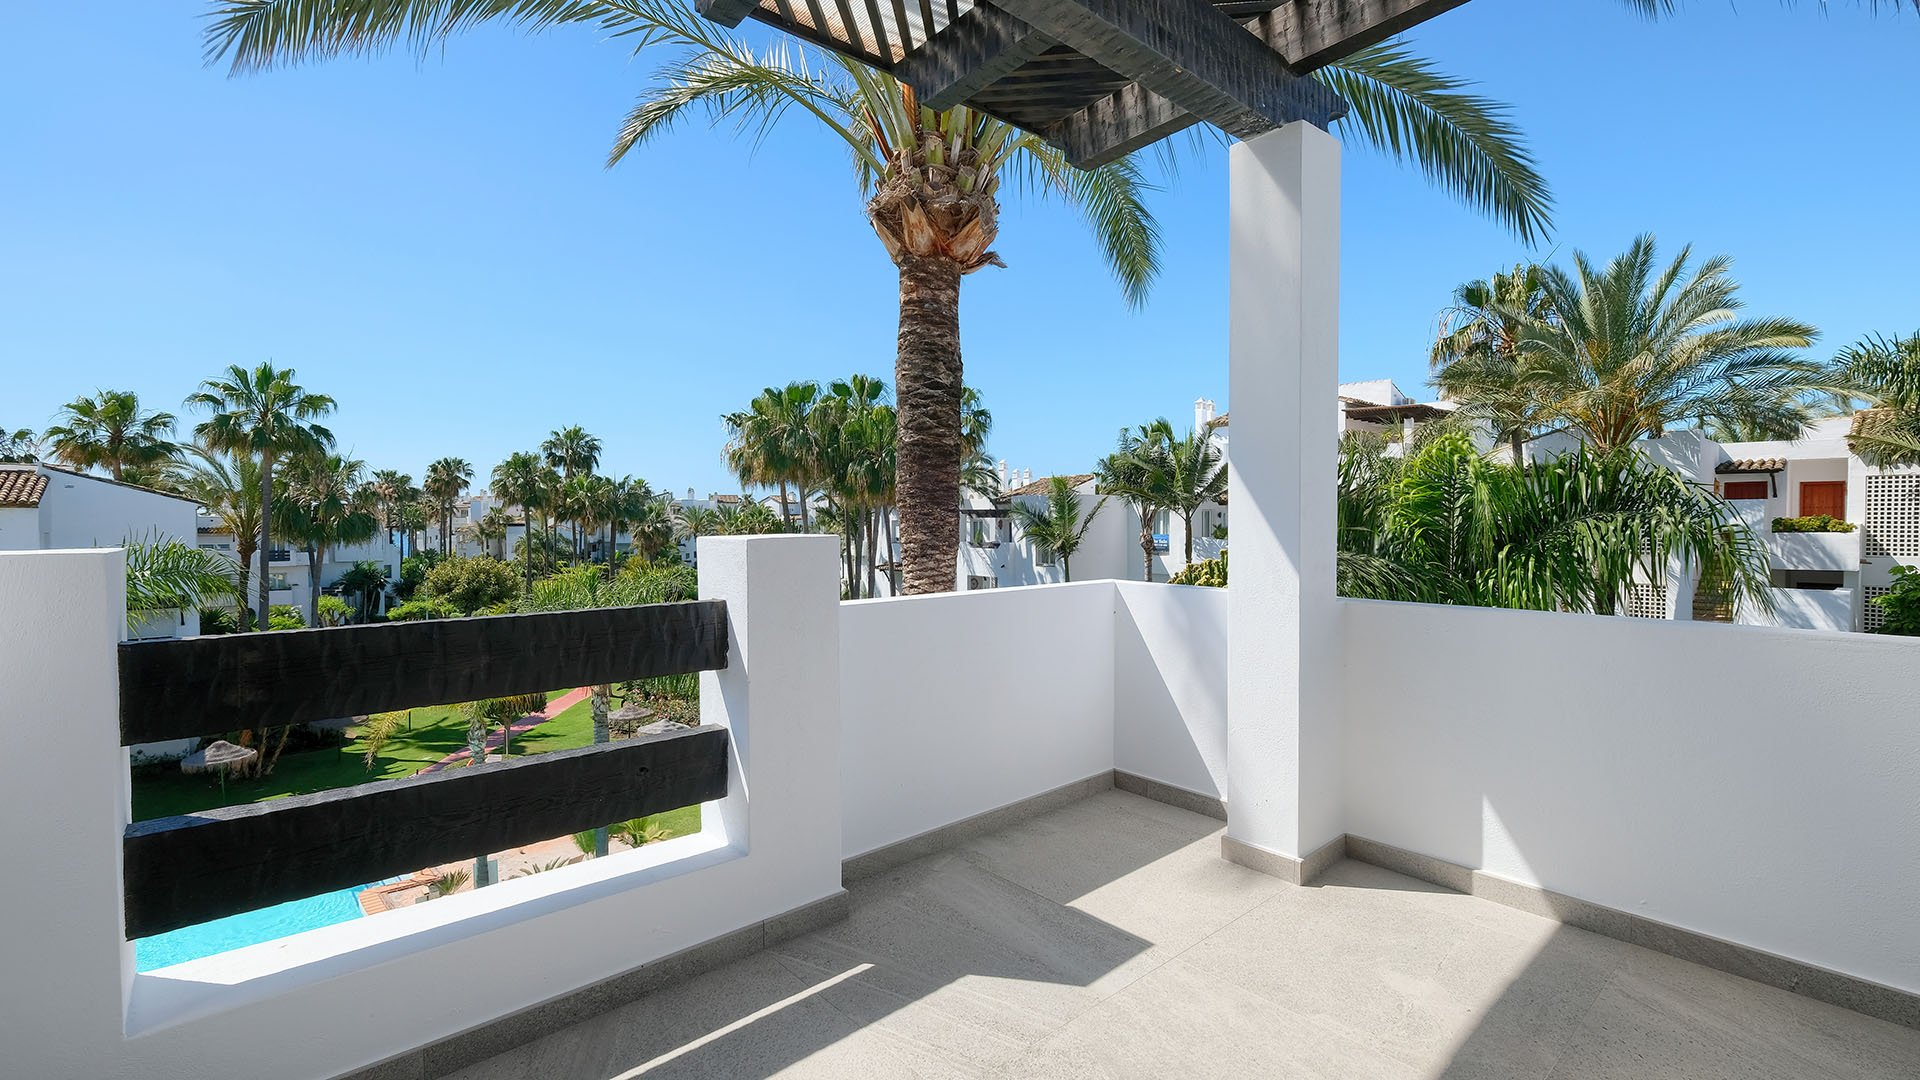 Costalita: Volledig gerenoveerd appartement op de New Golden Mile